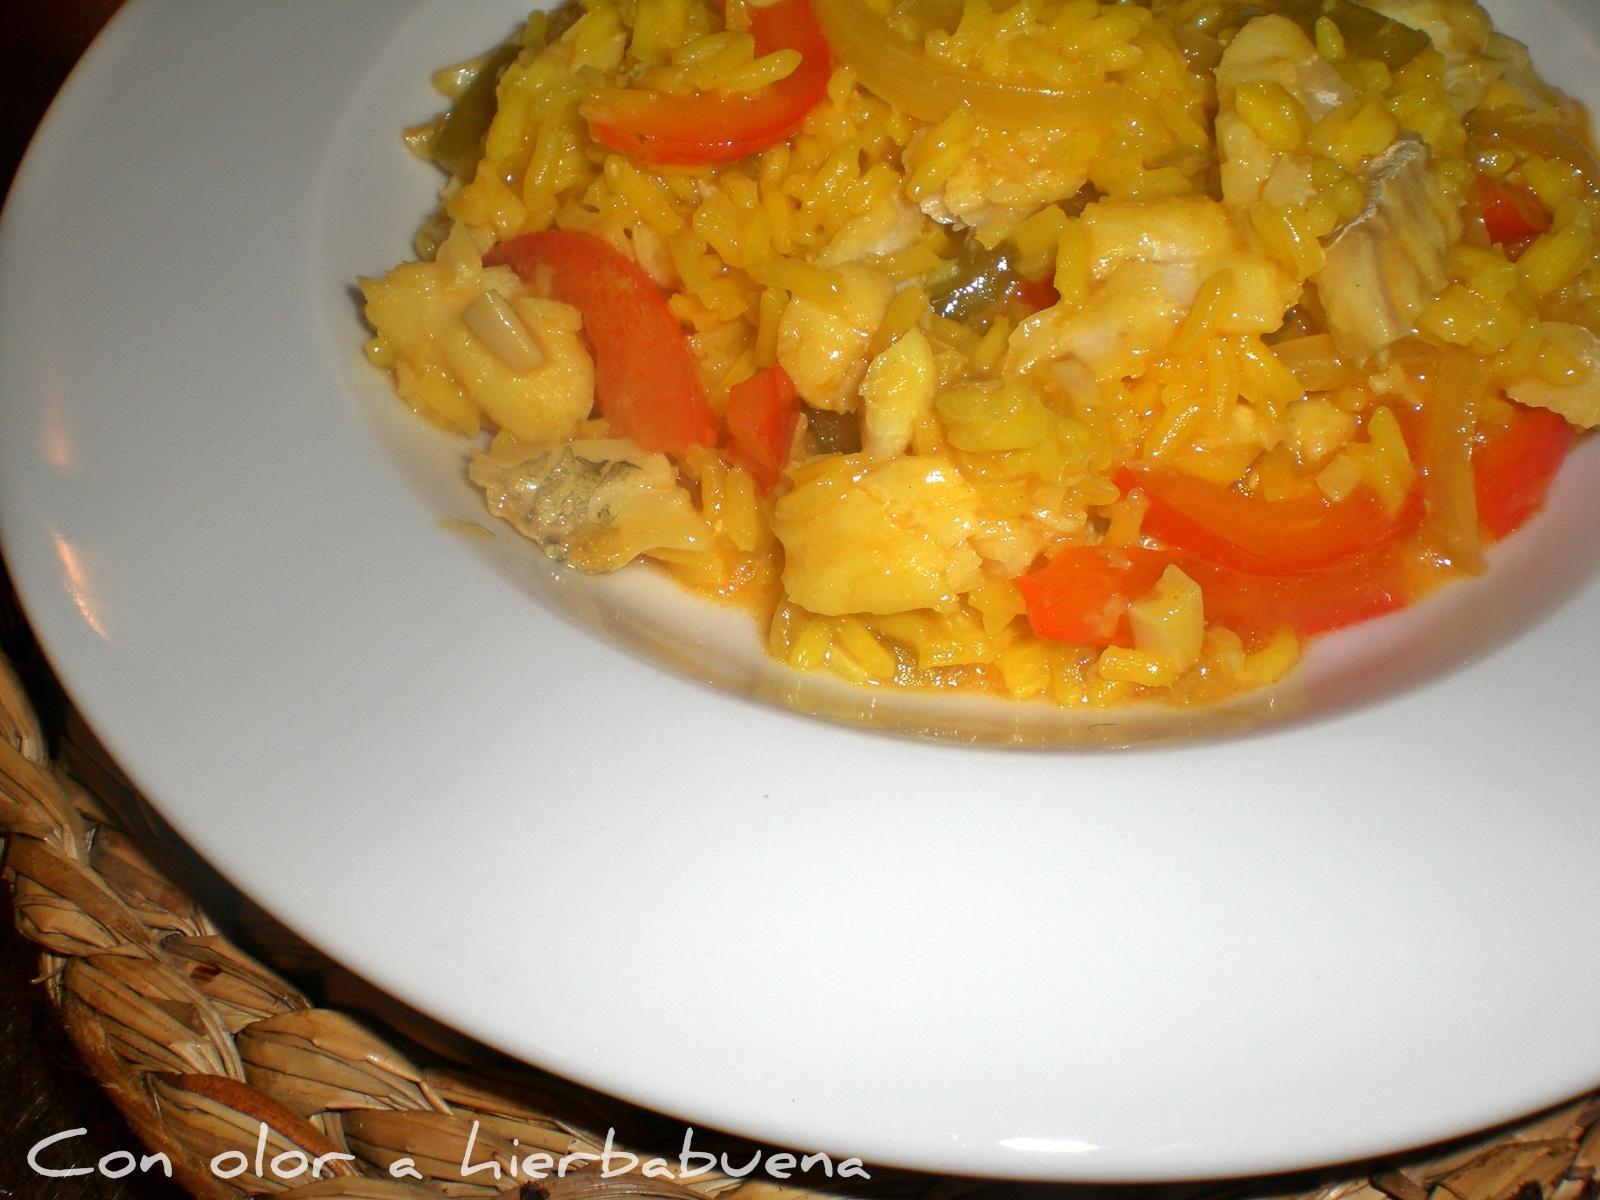 Con olor a hierbabuena arroz con bacalao - Arroz blanco con bacalao ...